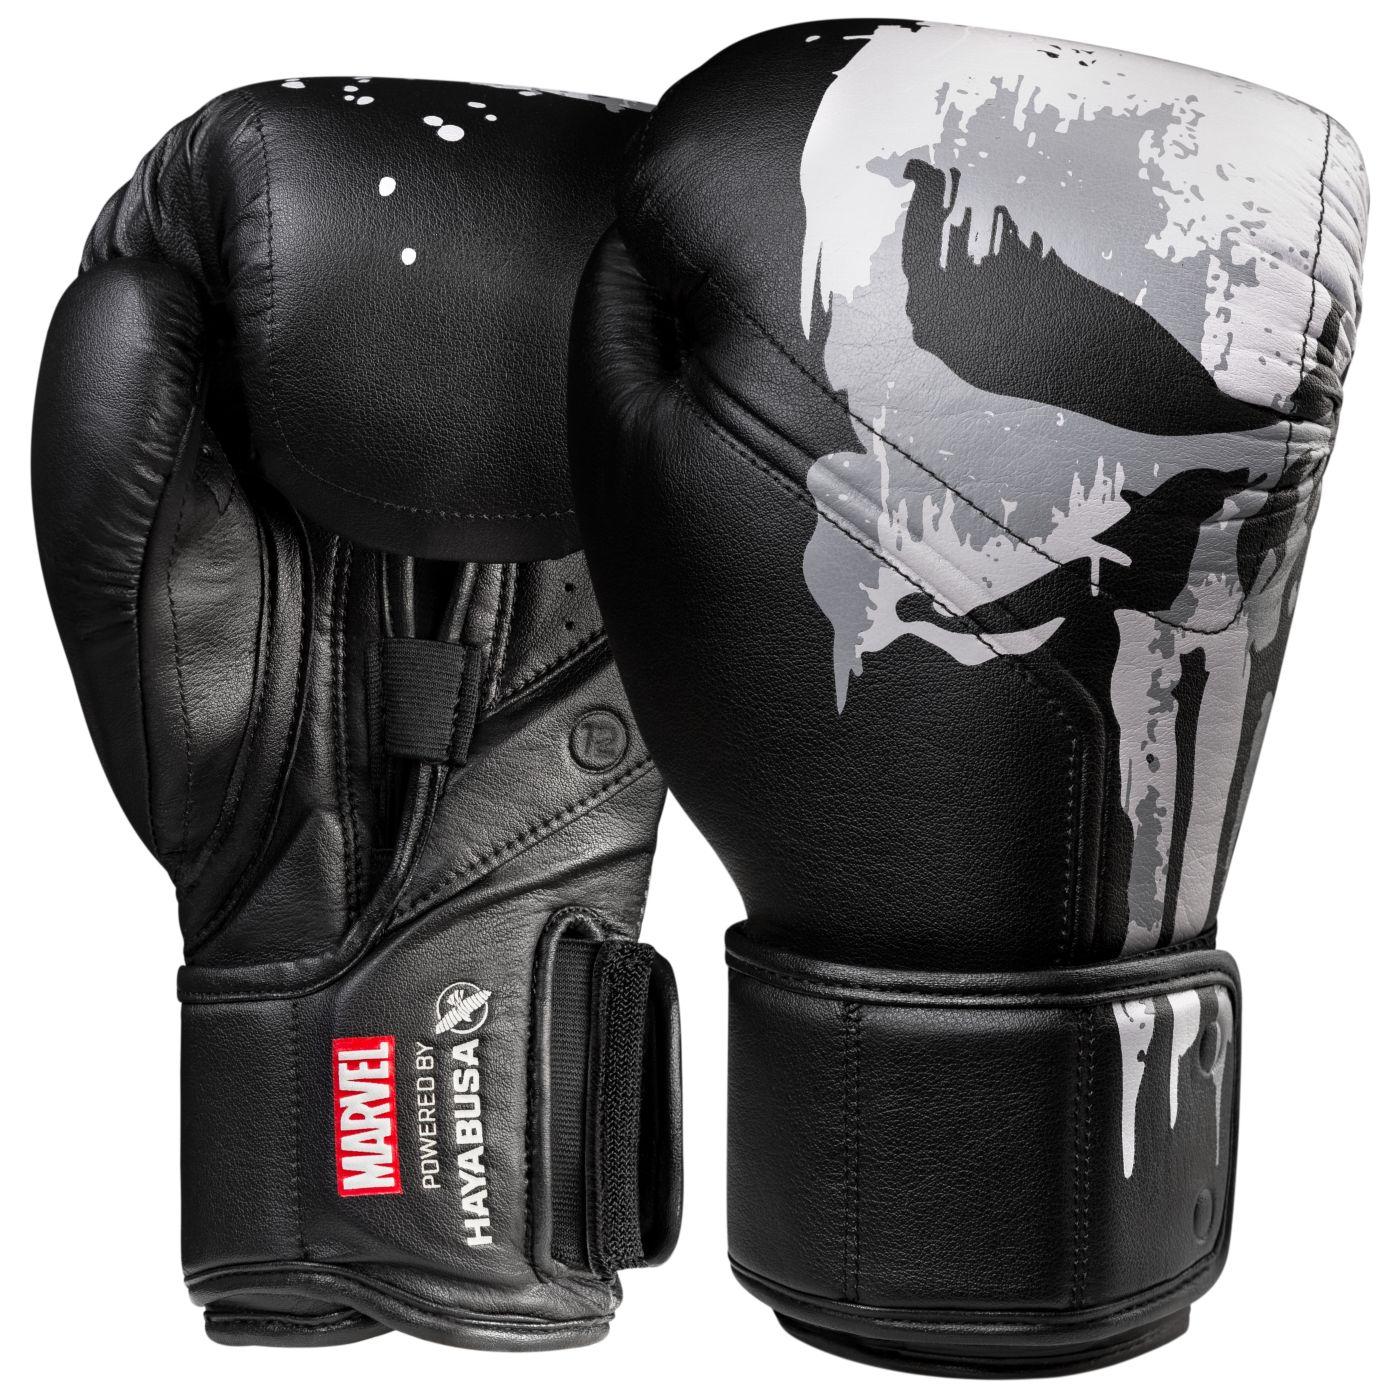 Hayabusa The Punisher T3 Boxing Gloves